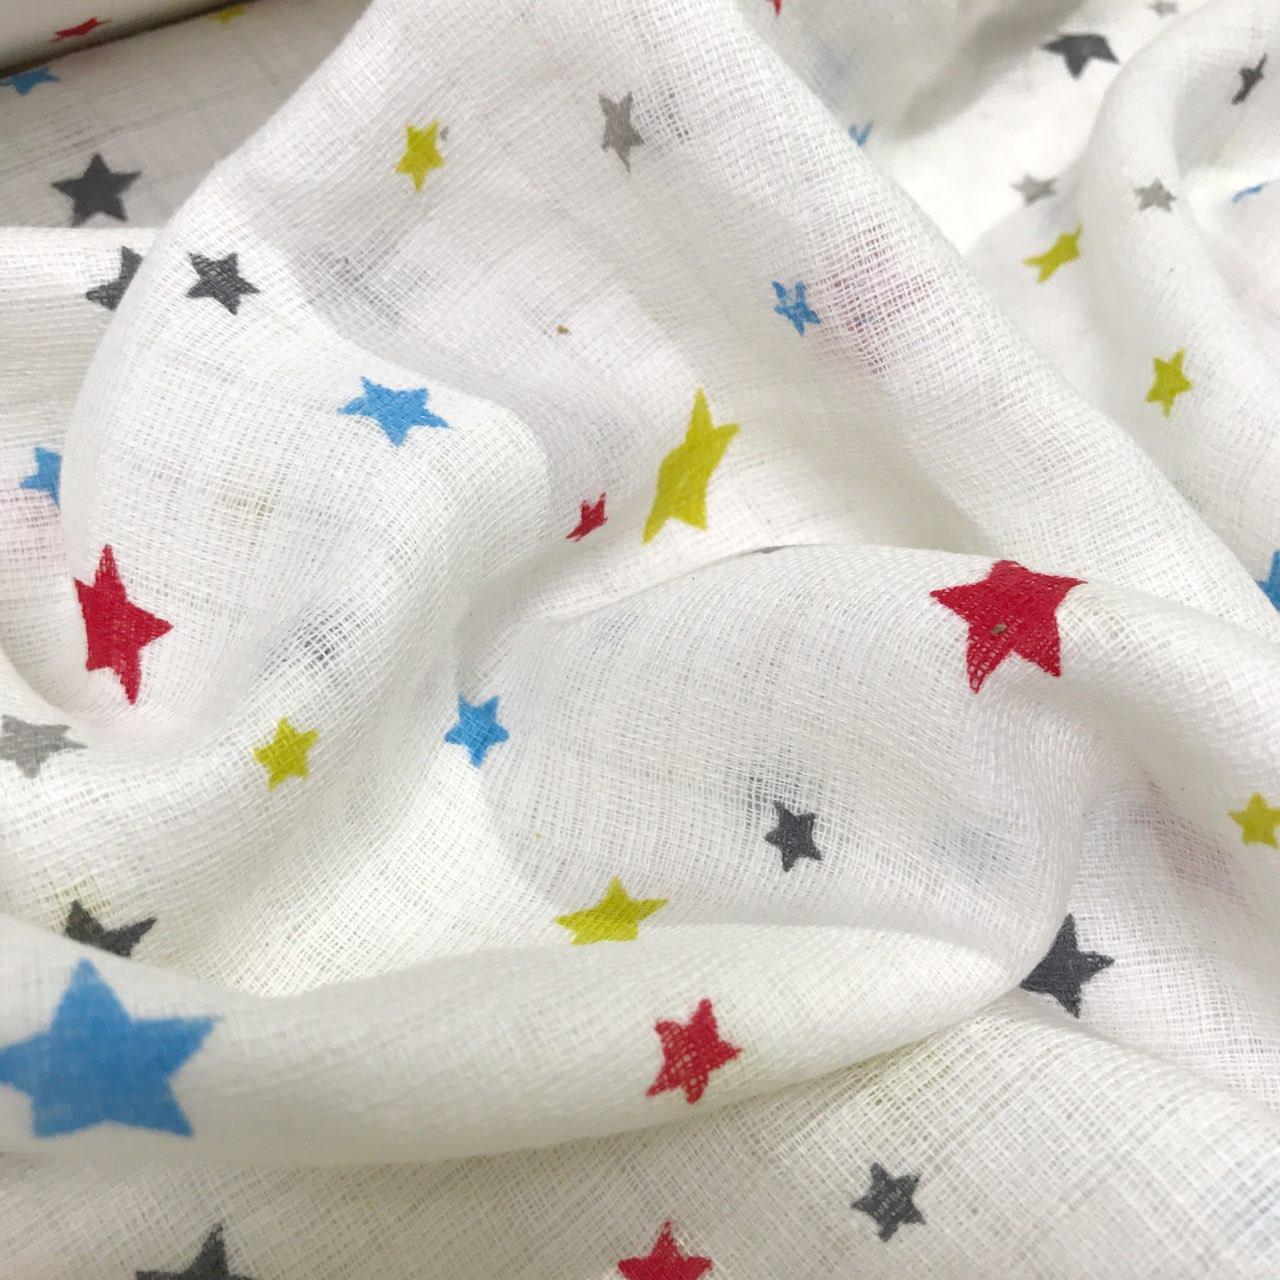 Муслін різнокольорові зірочки на білому фон 140 г/м2 № 2-17